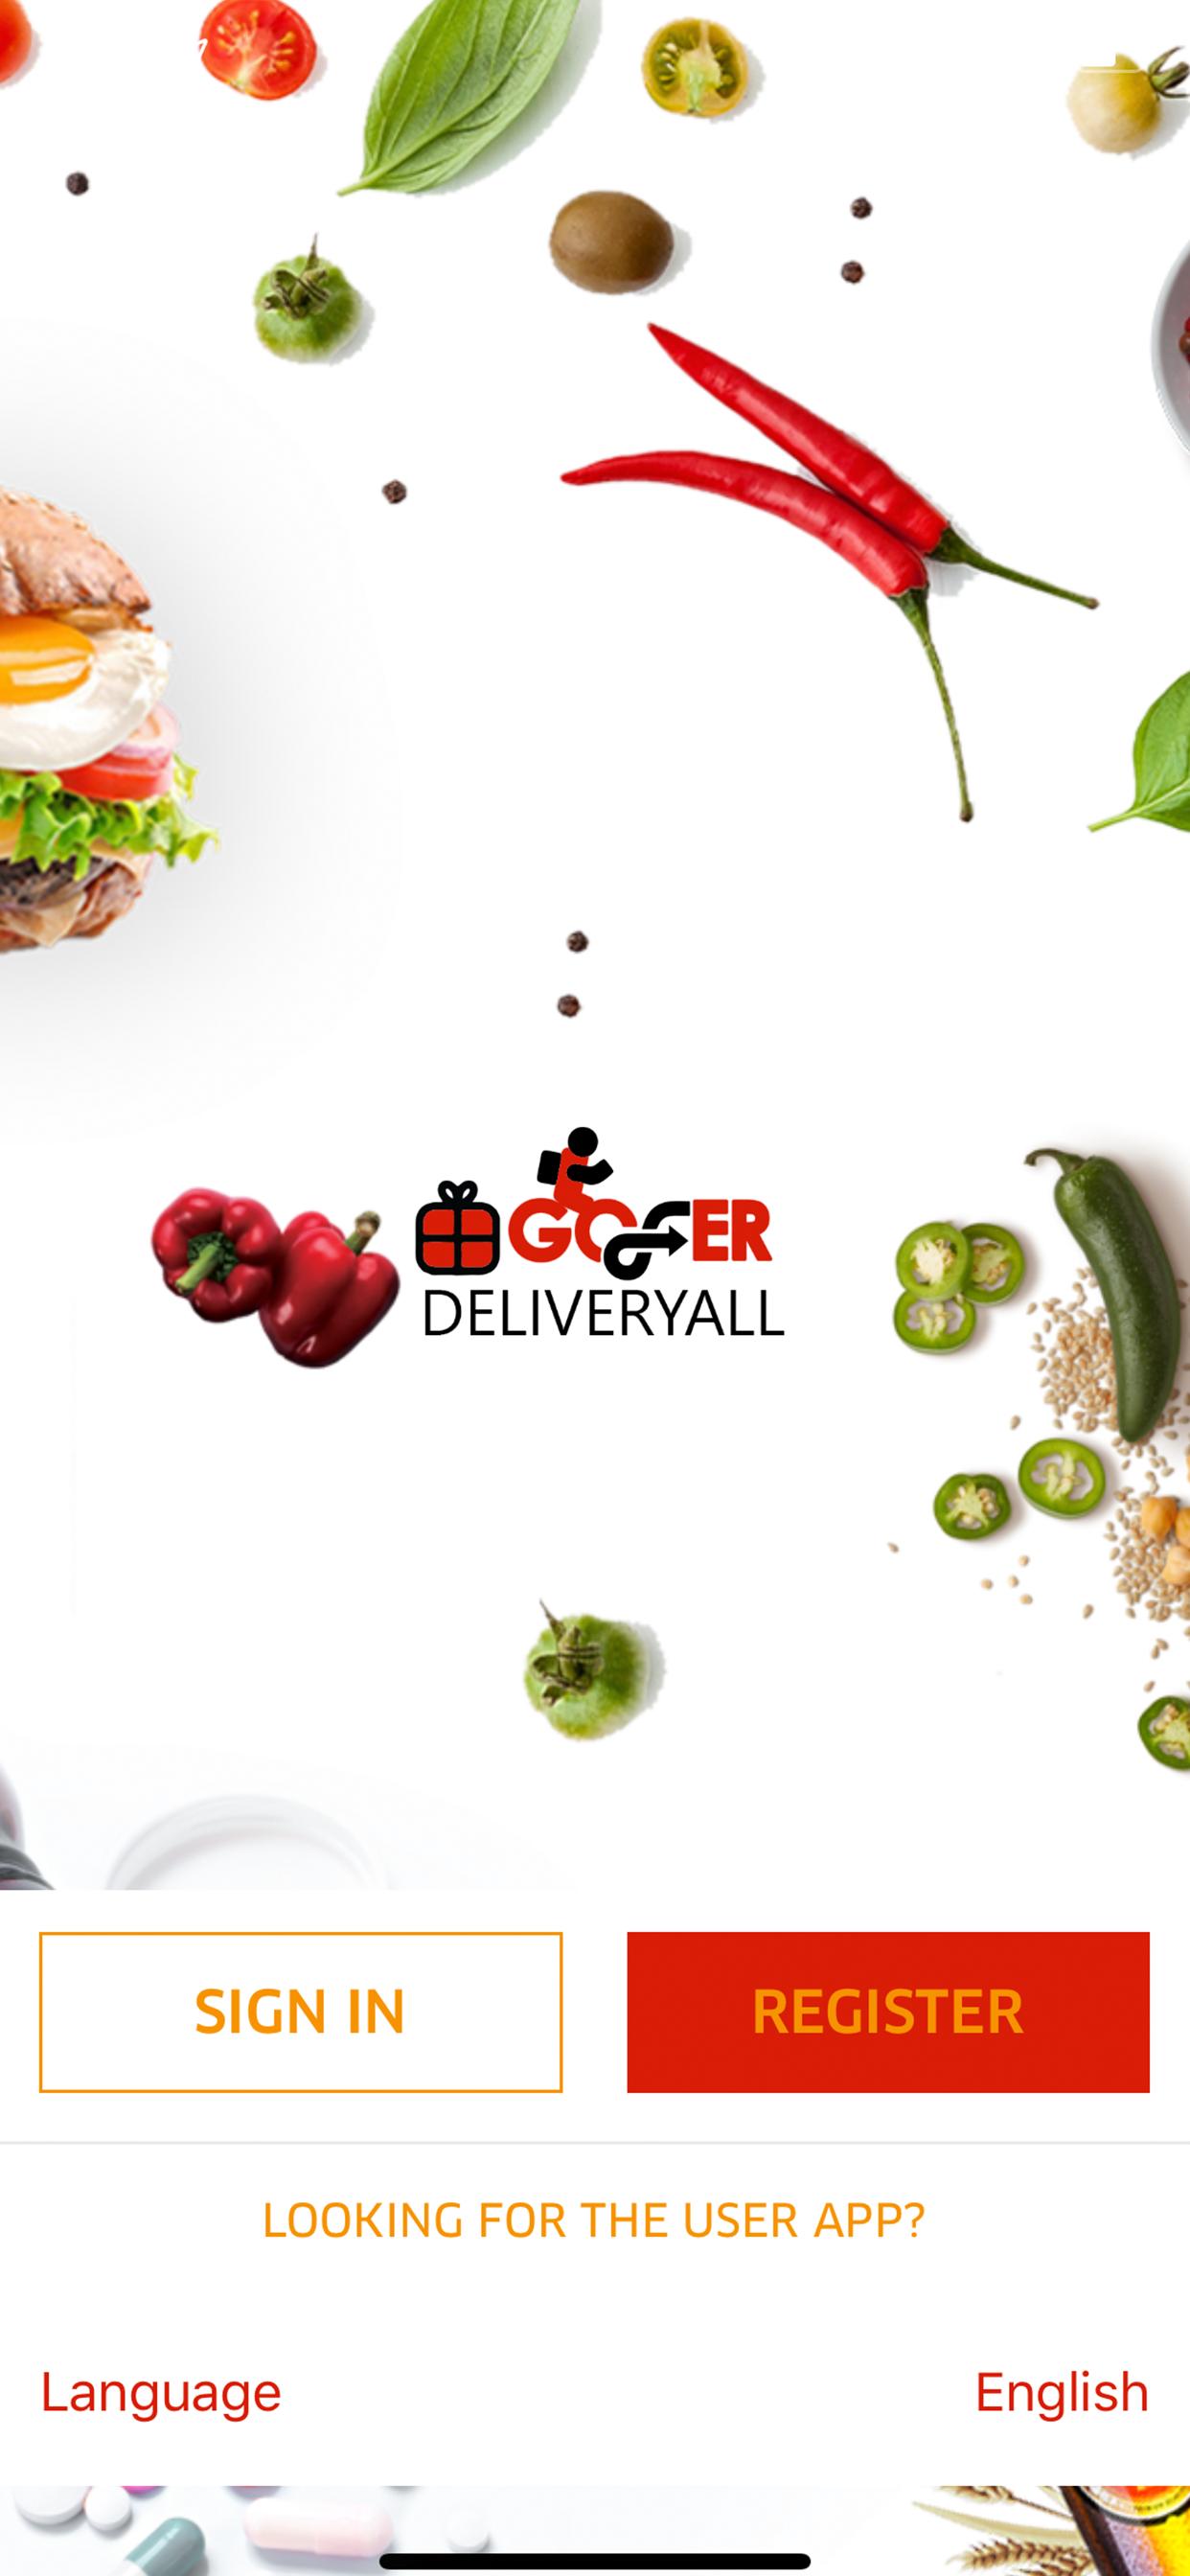 deliveryall script